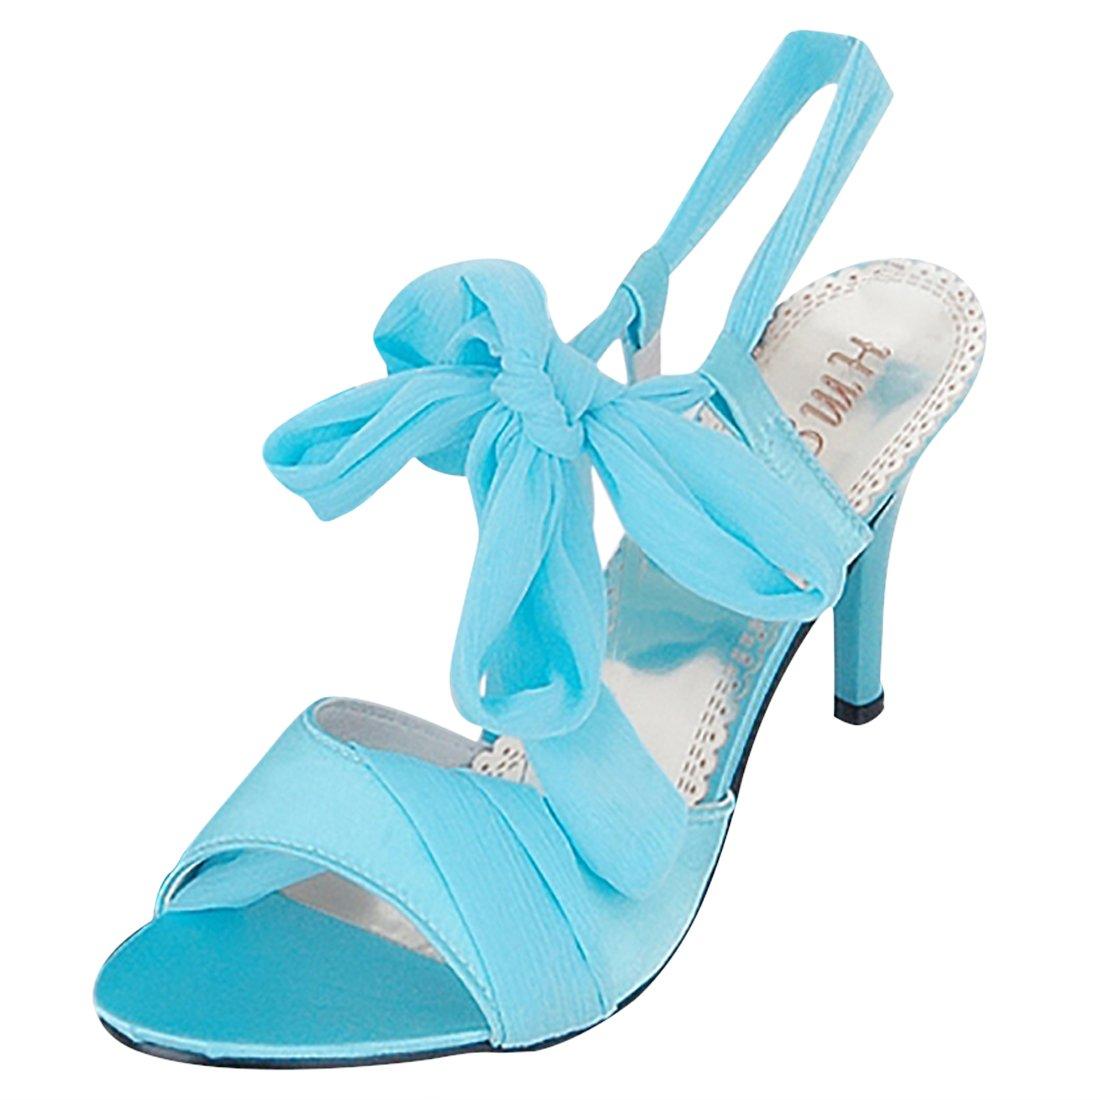 Y2Y Studio Femmes Sandales Aiguille pour D pour été Talon Aiguille Bleu Lanière Cheville de Bandage Classy Et Elegantes Bleu 512d29c - reprogrammed.space